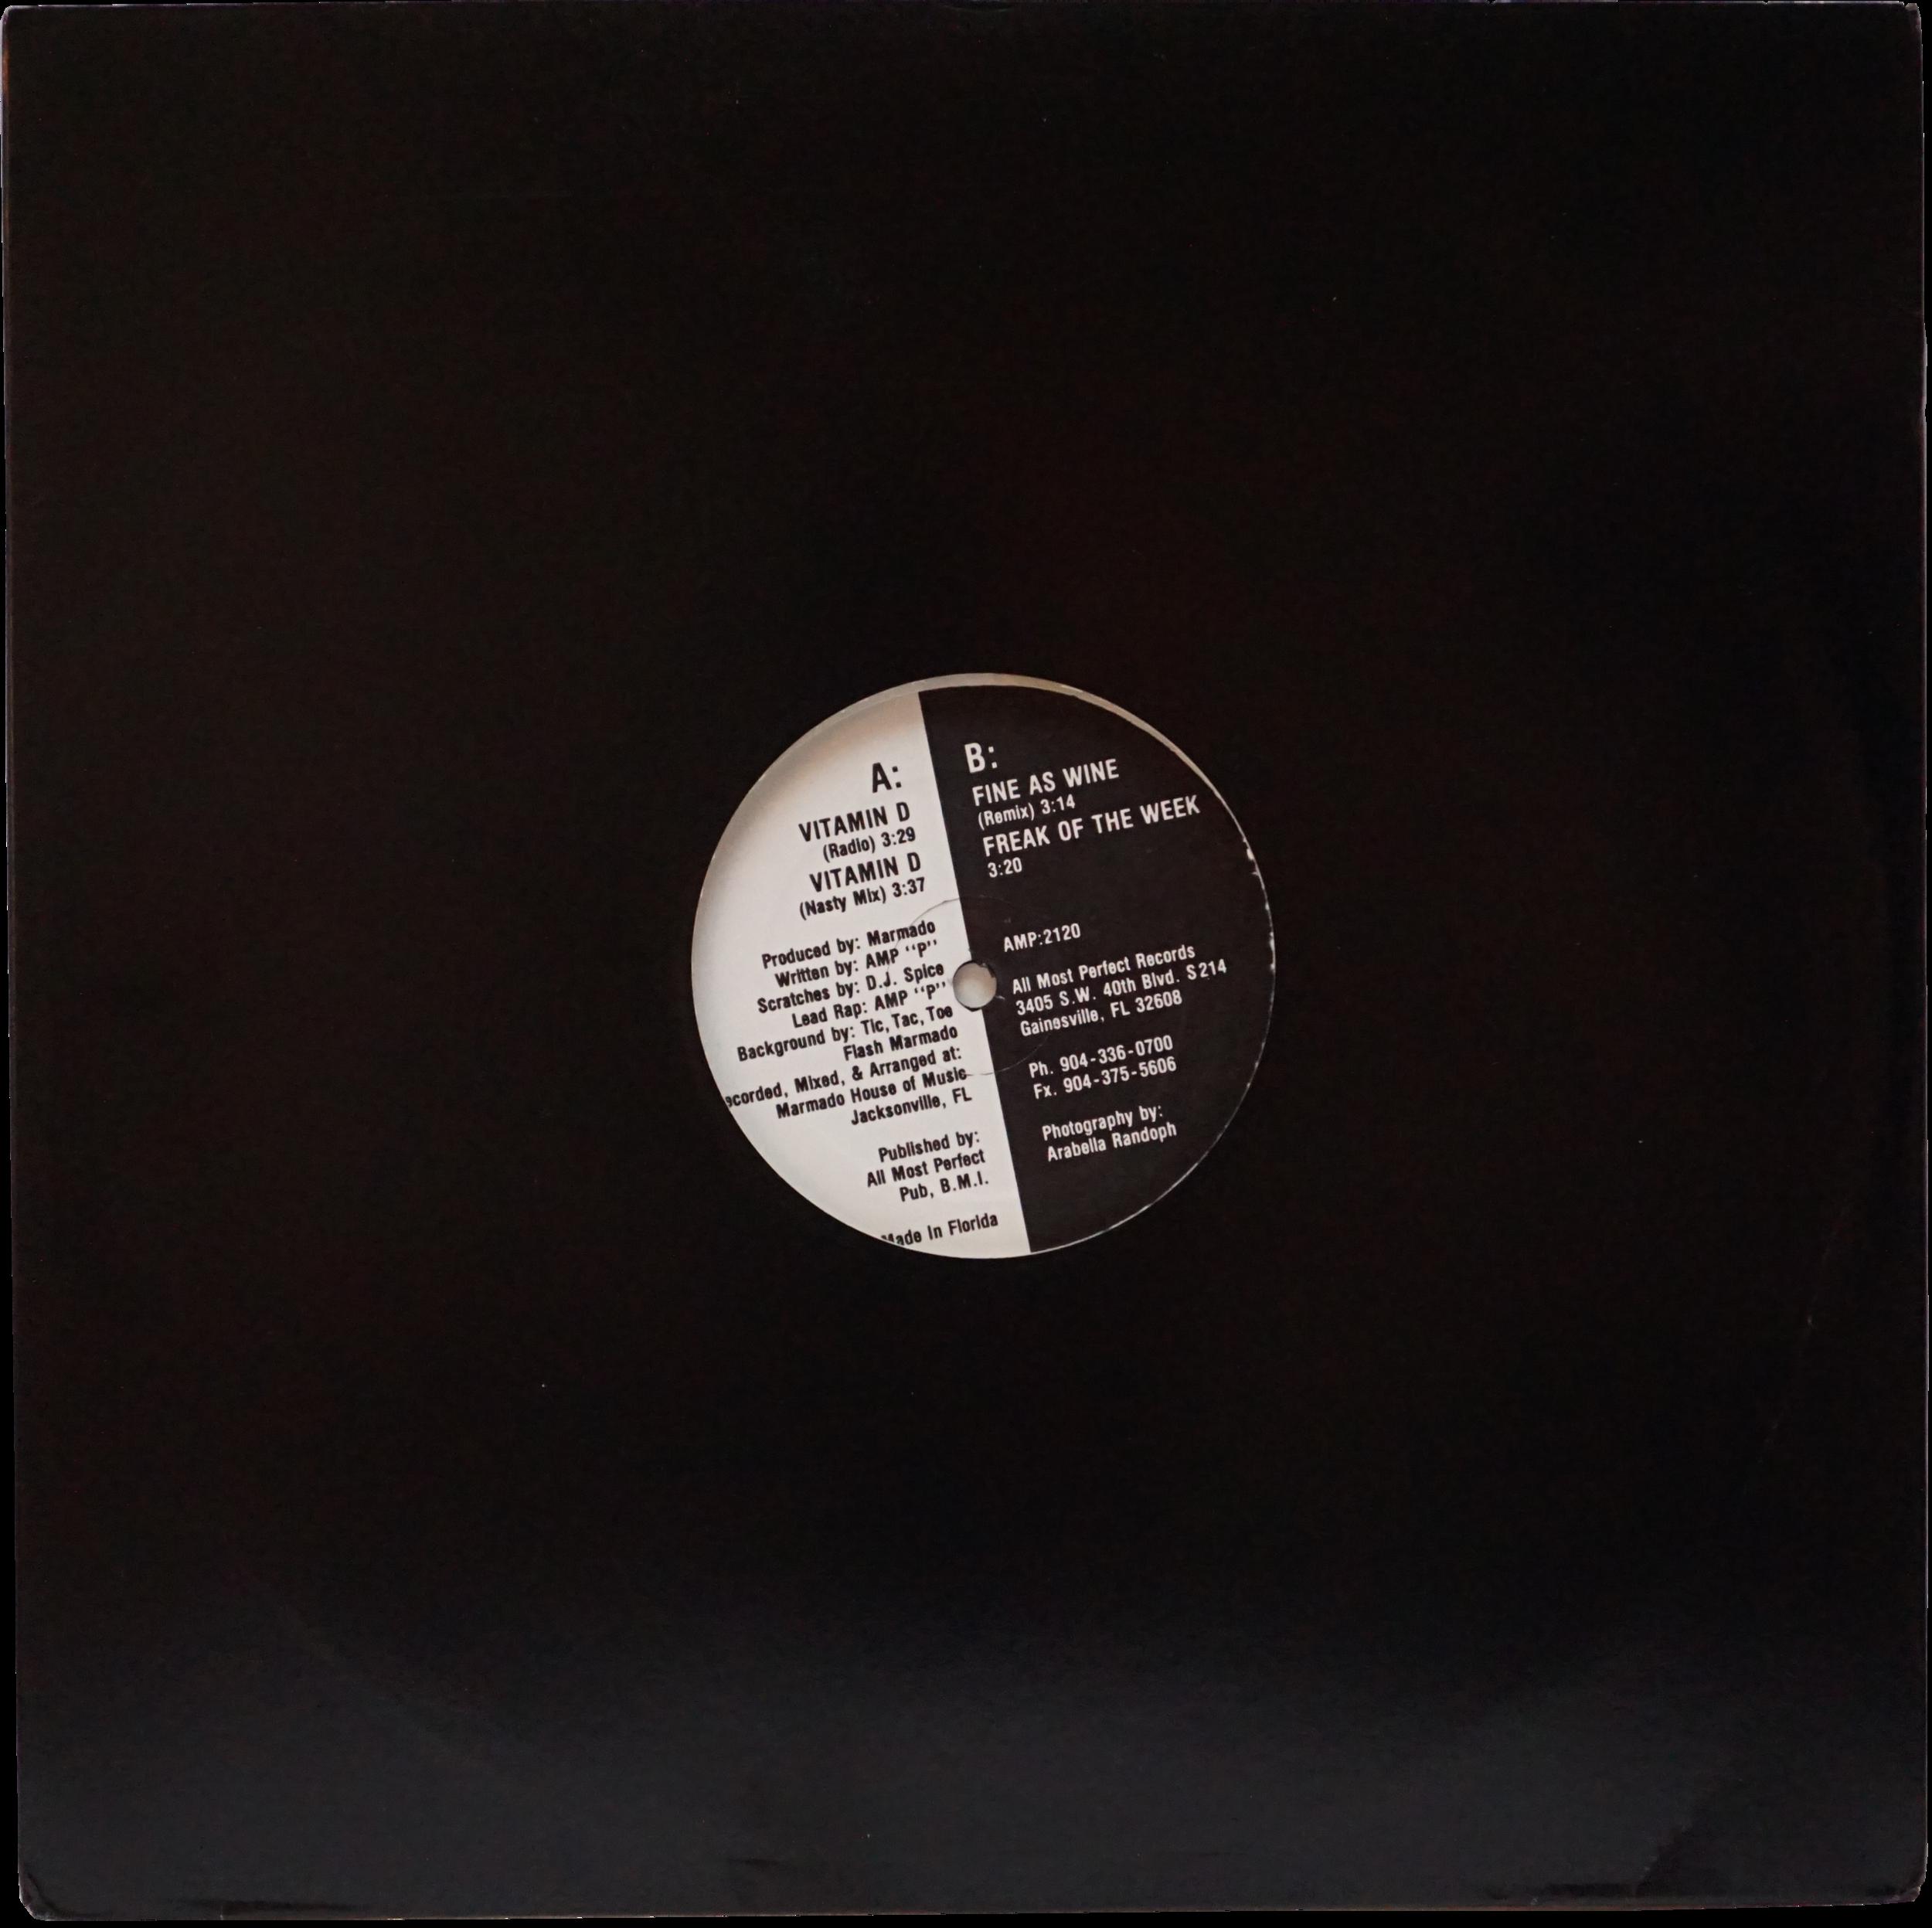 WLWLTDOO-1993-12-VITAMIN_D-VITAMIN_D-A-AMP2120.png